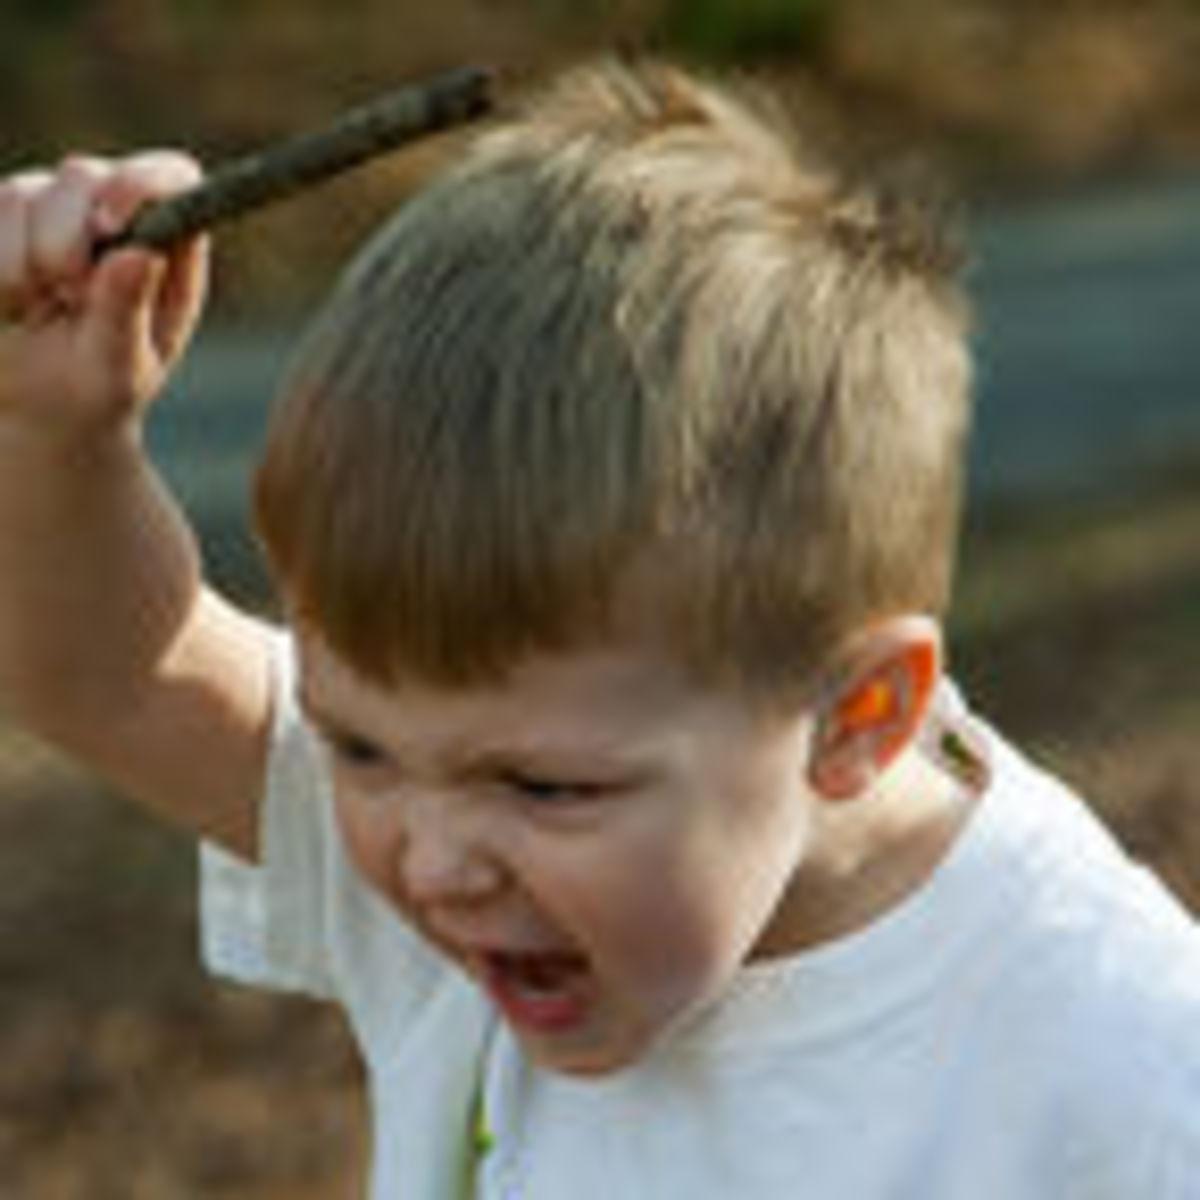 Children's Anger Management Strategies That Work